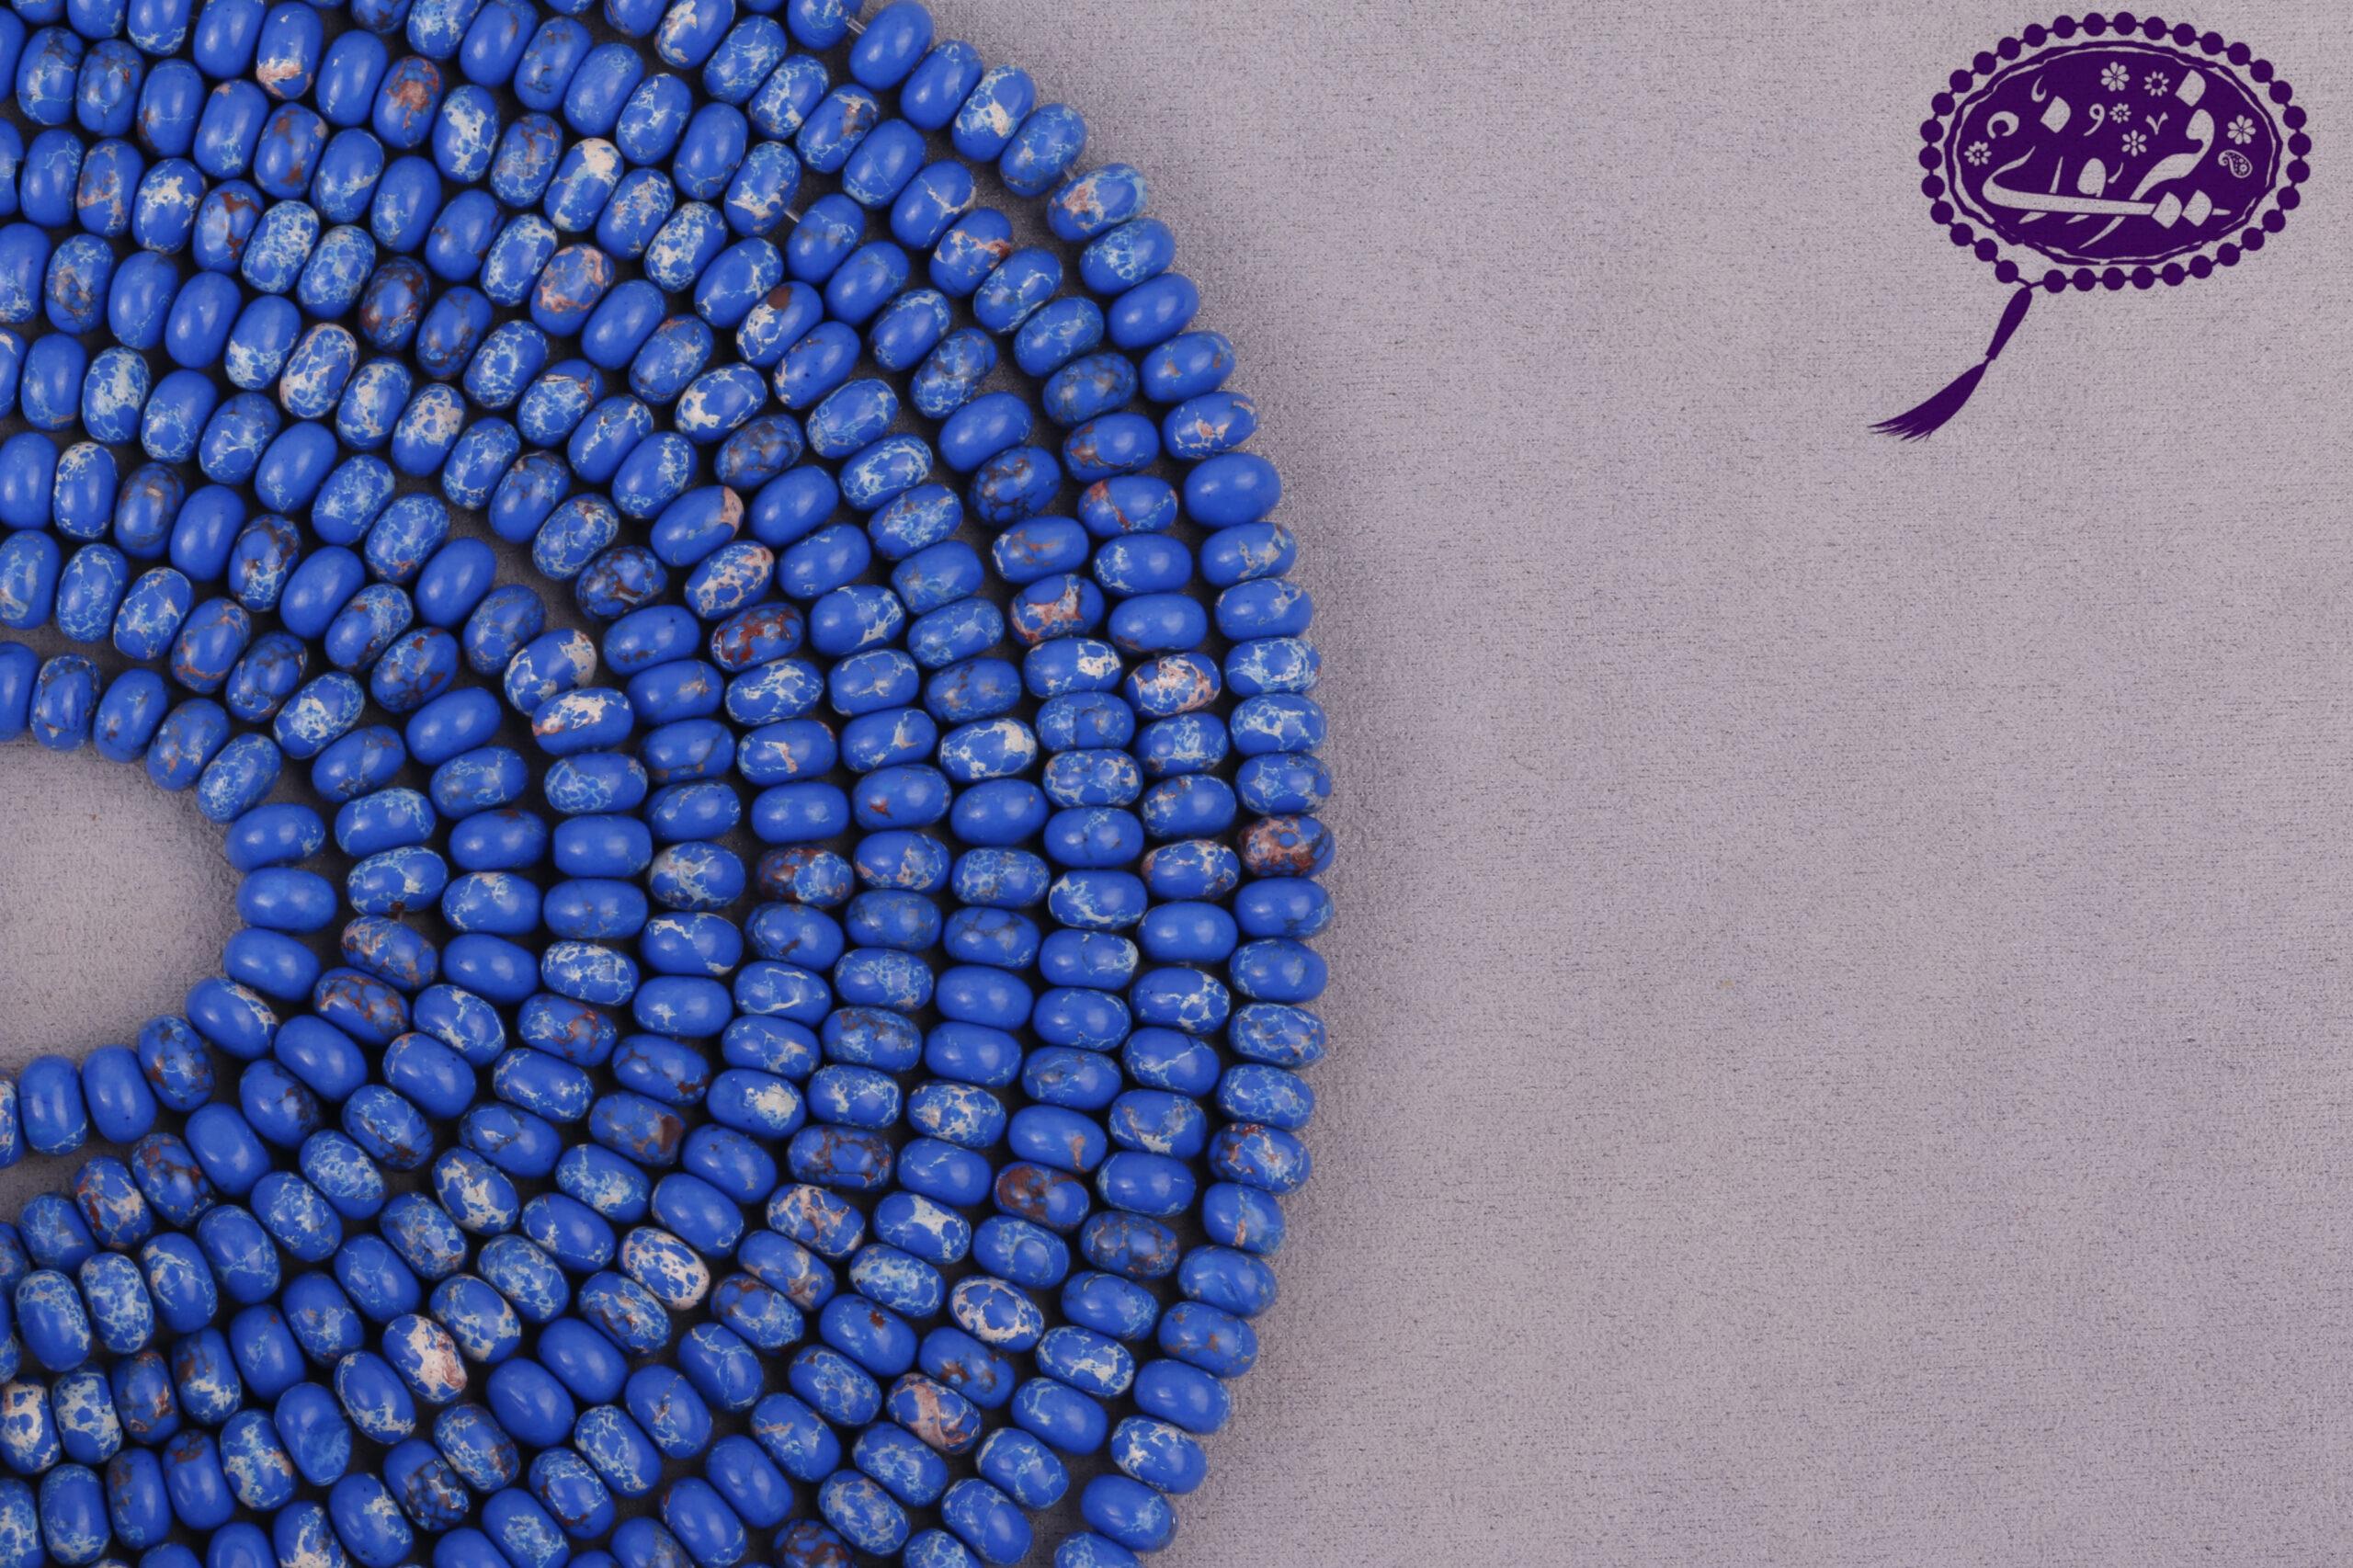 رشته فیروزه آفریقایی واشری آبی تیره